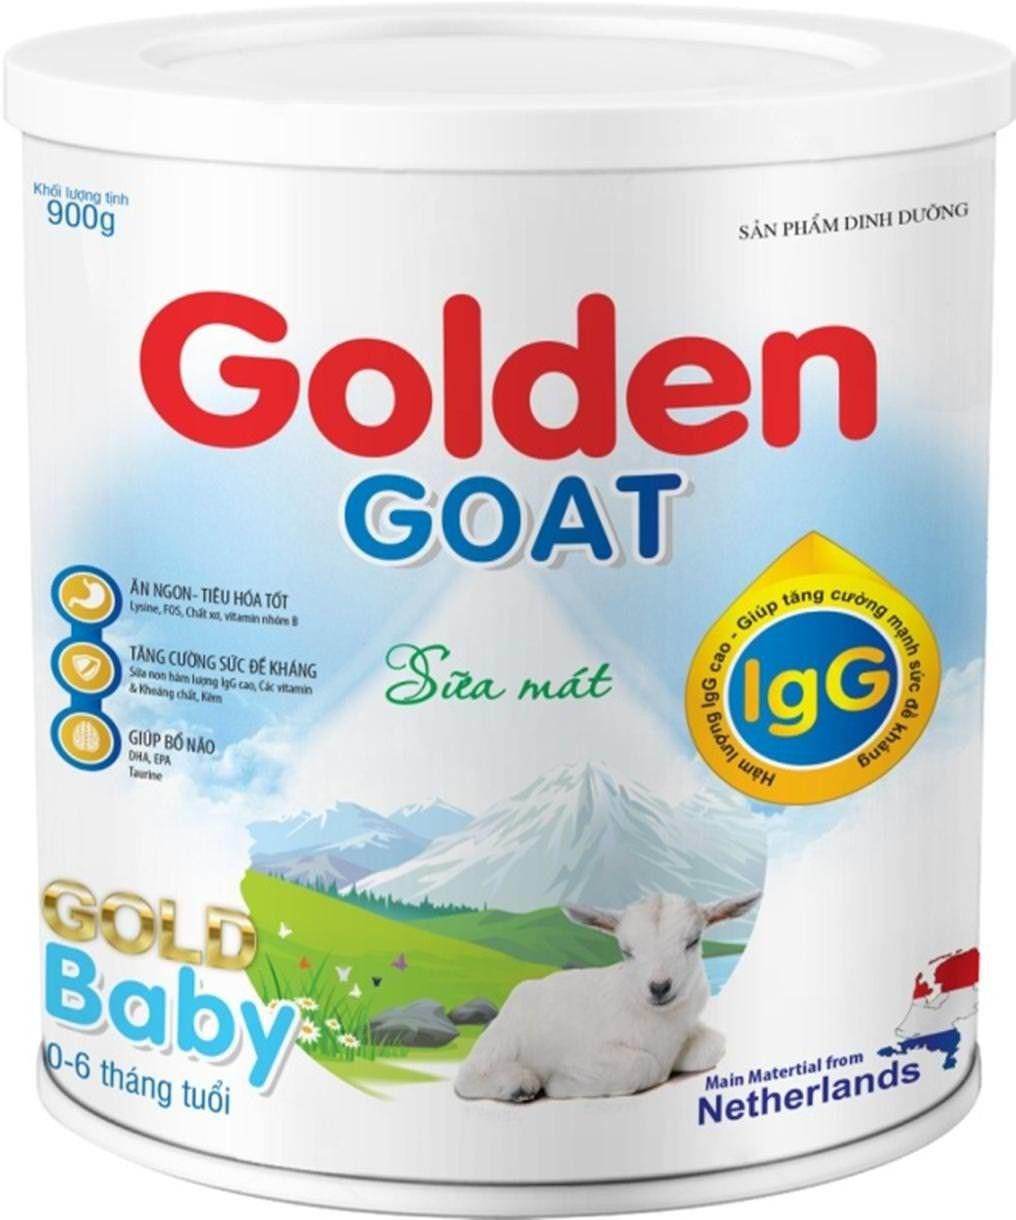 GOLDEN GOAT GOLD BABY 900gr